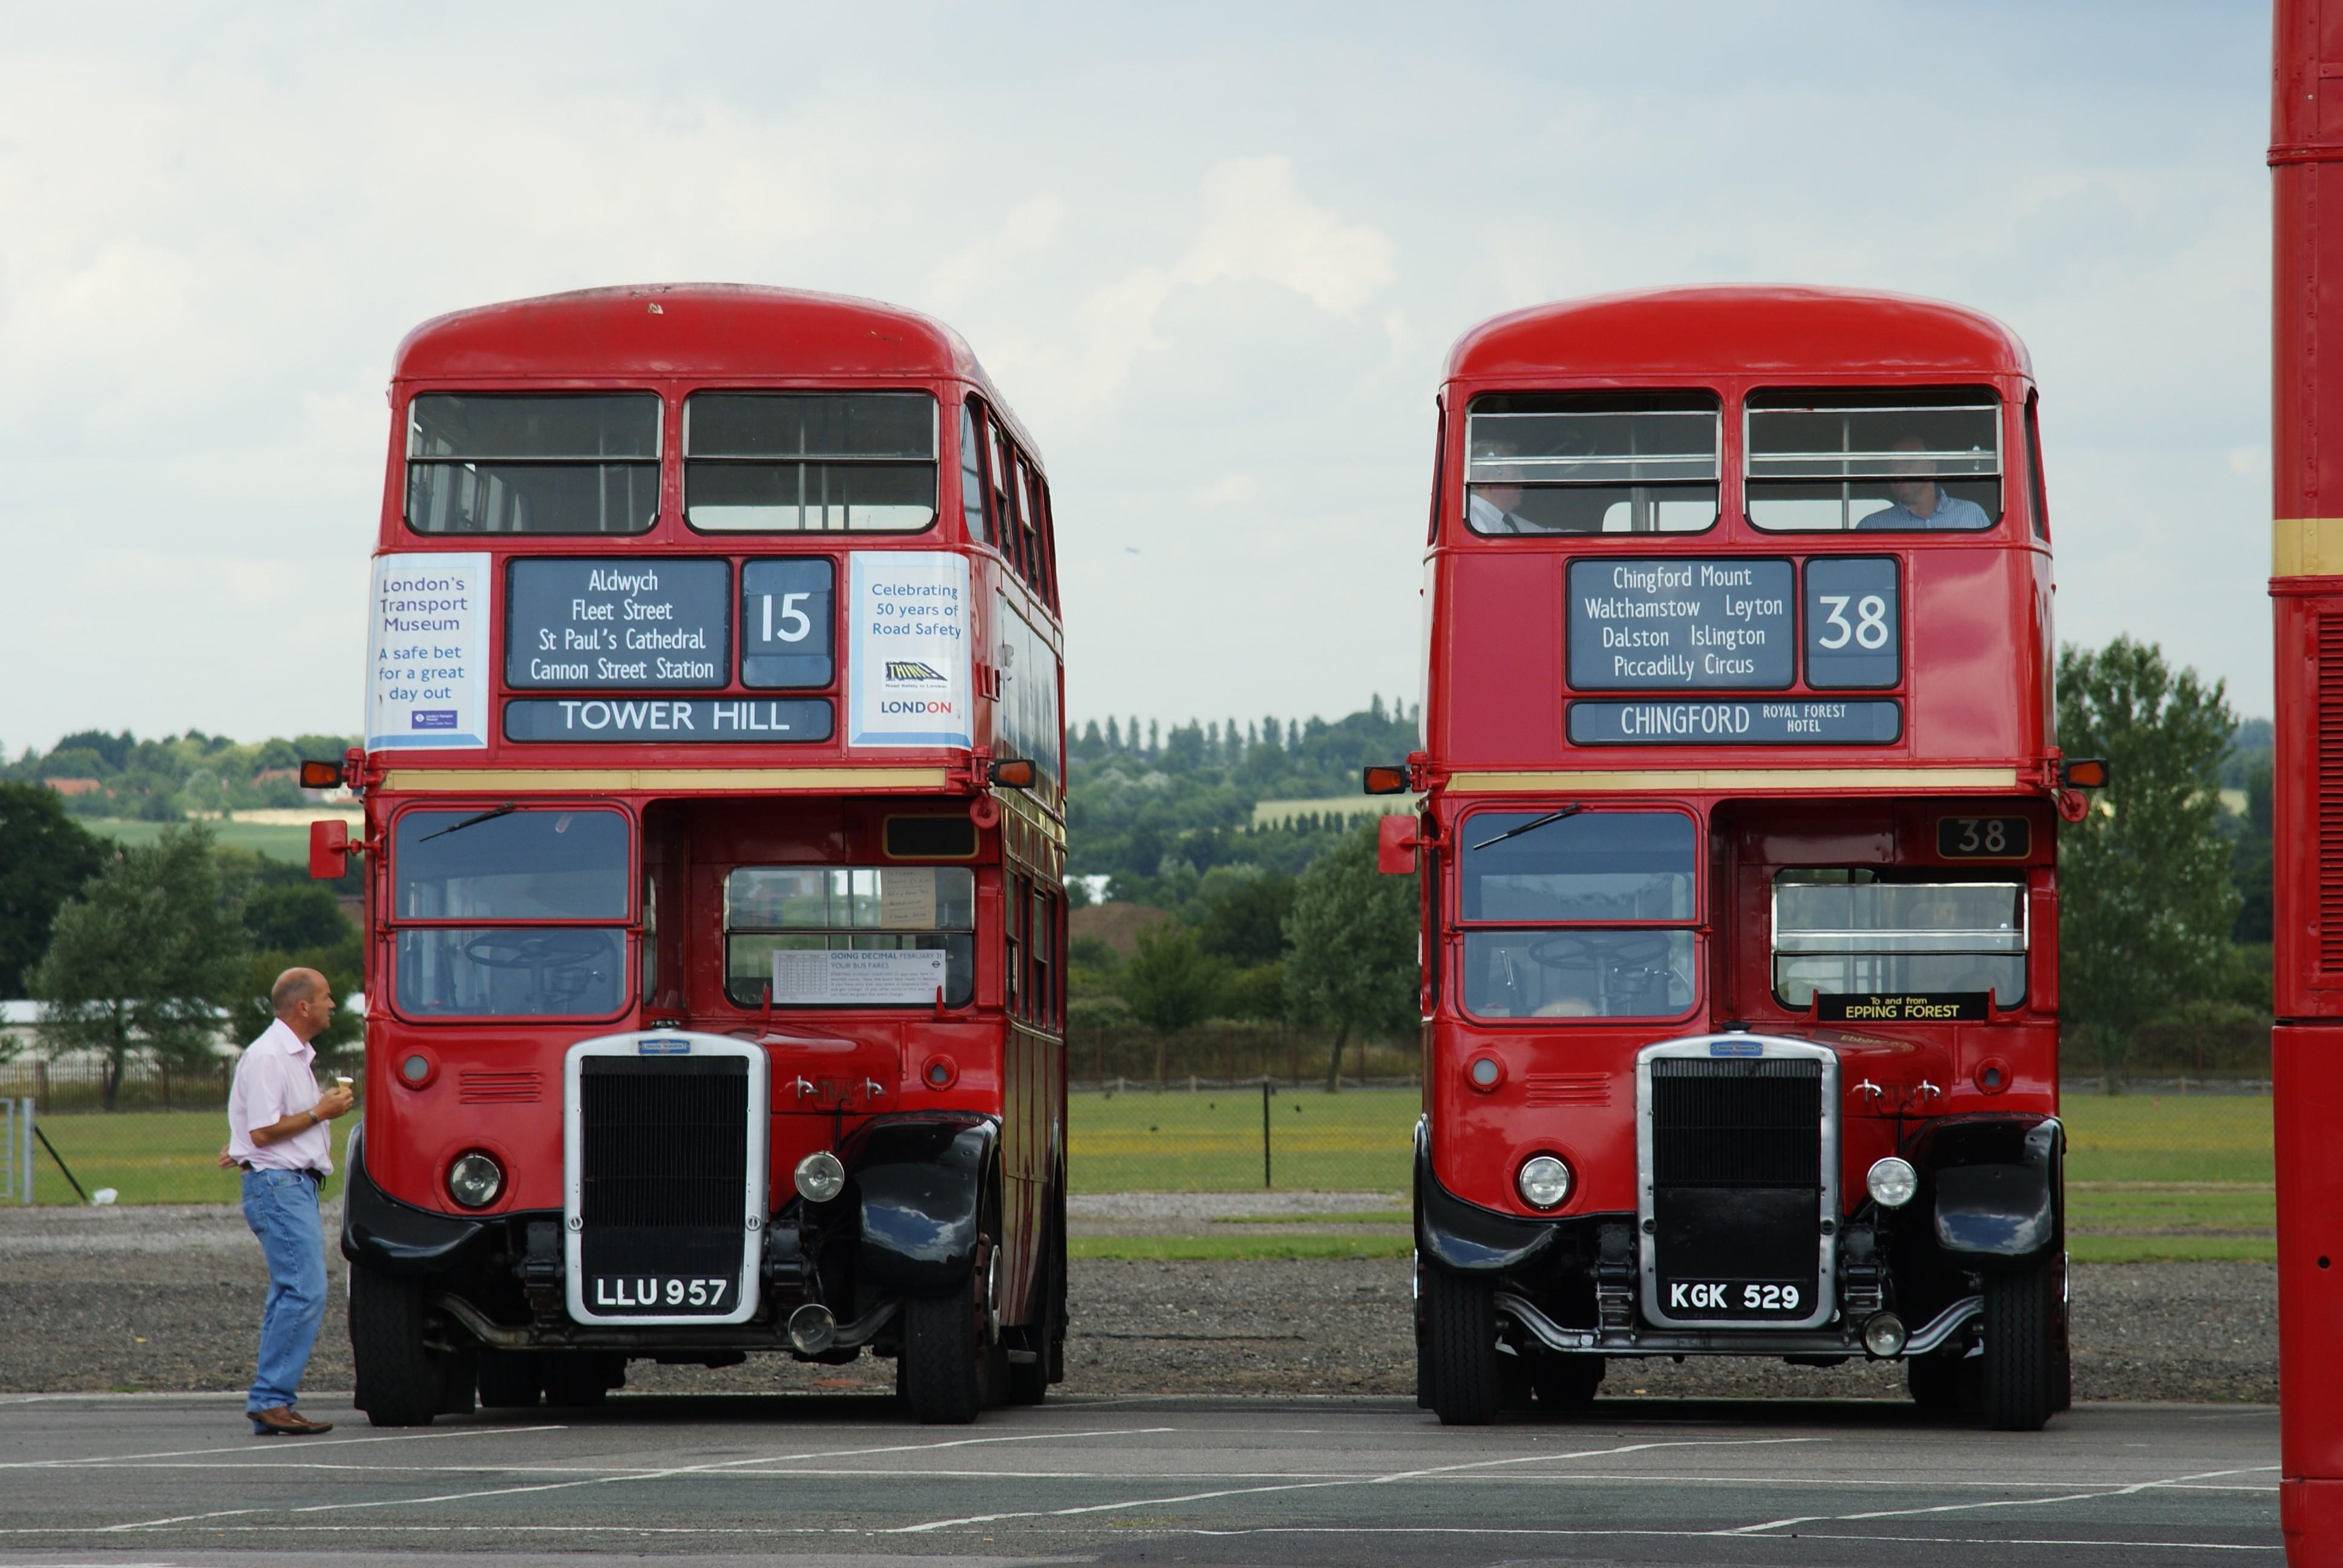 JEU du Numéro - Page 2 London_Transport_buses_RTW457_%28LLU_957%29_%26_RTW29_%28KGK_529%29%2C_2009_North_Weald_bus_rally